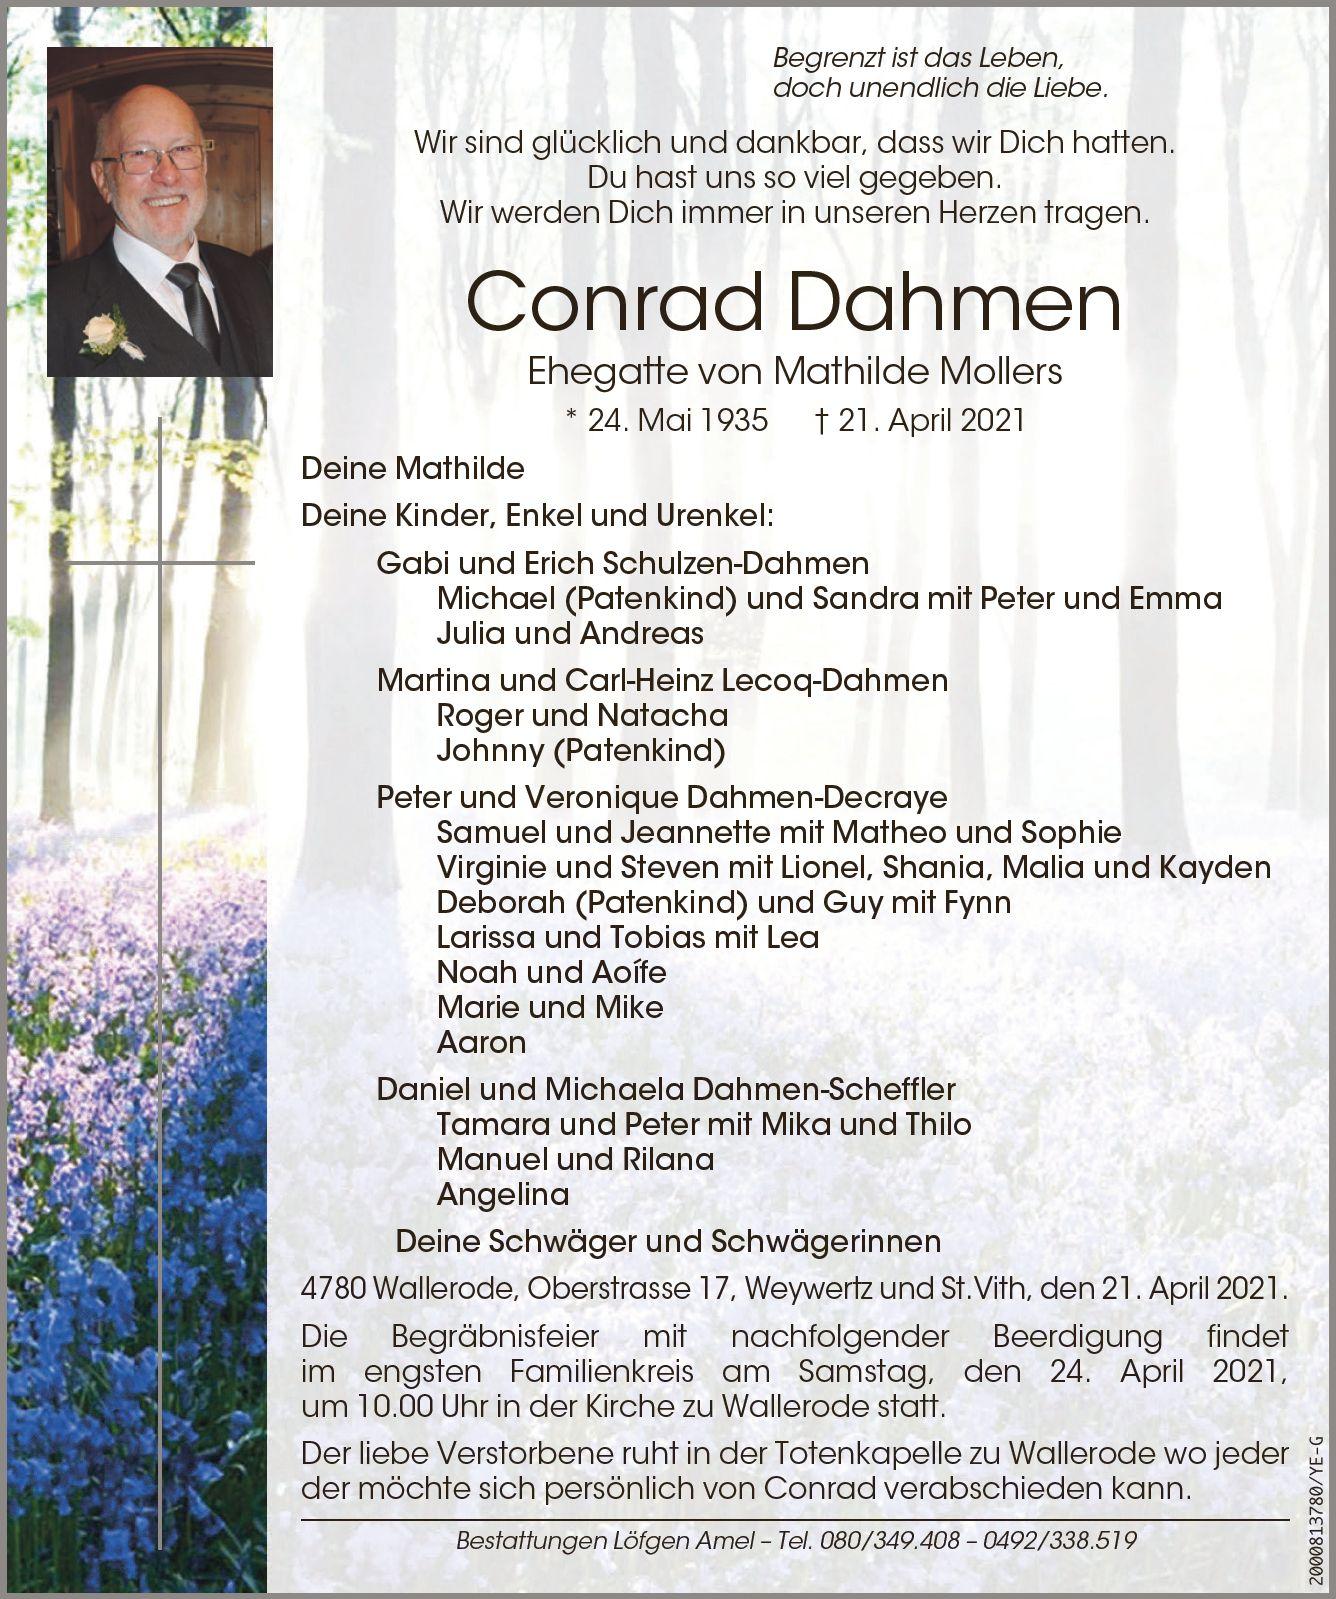 Conrad Dahmen